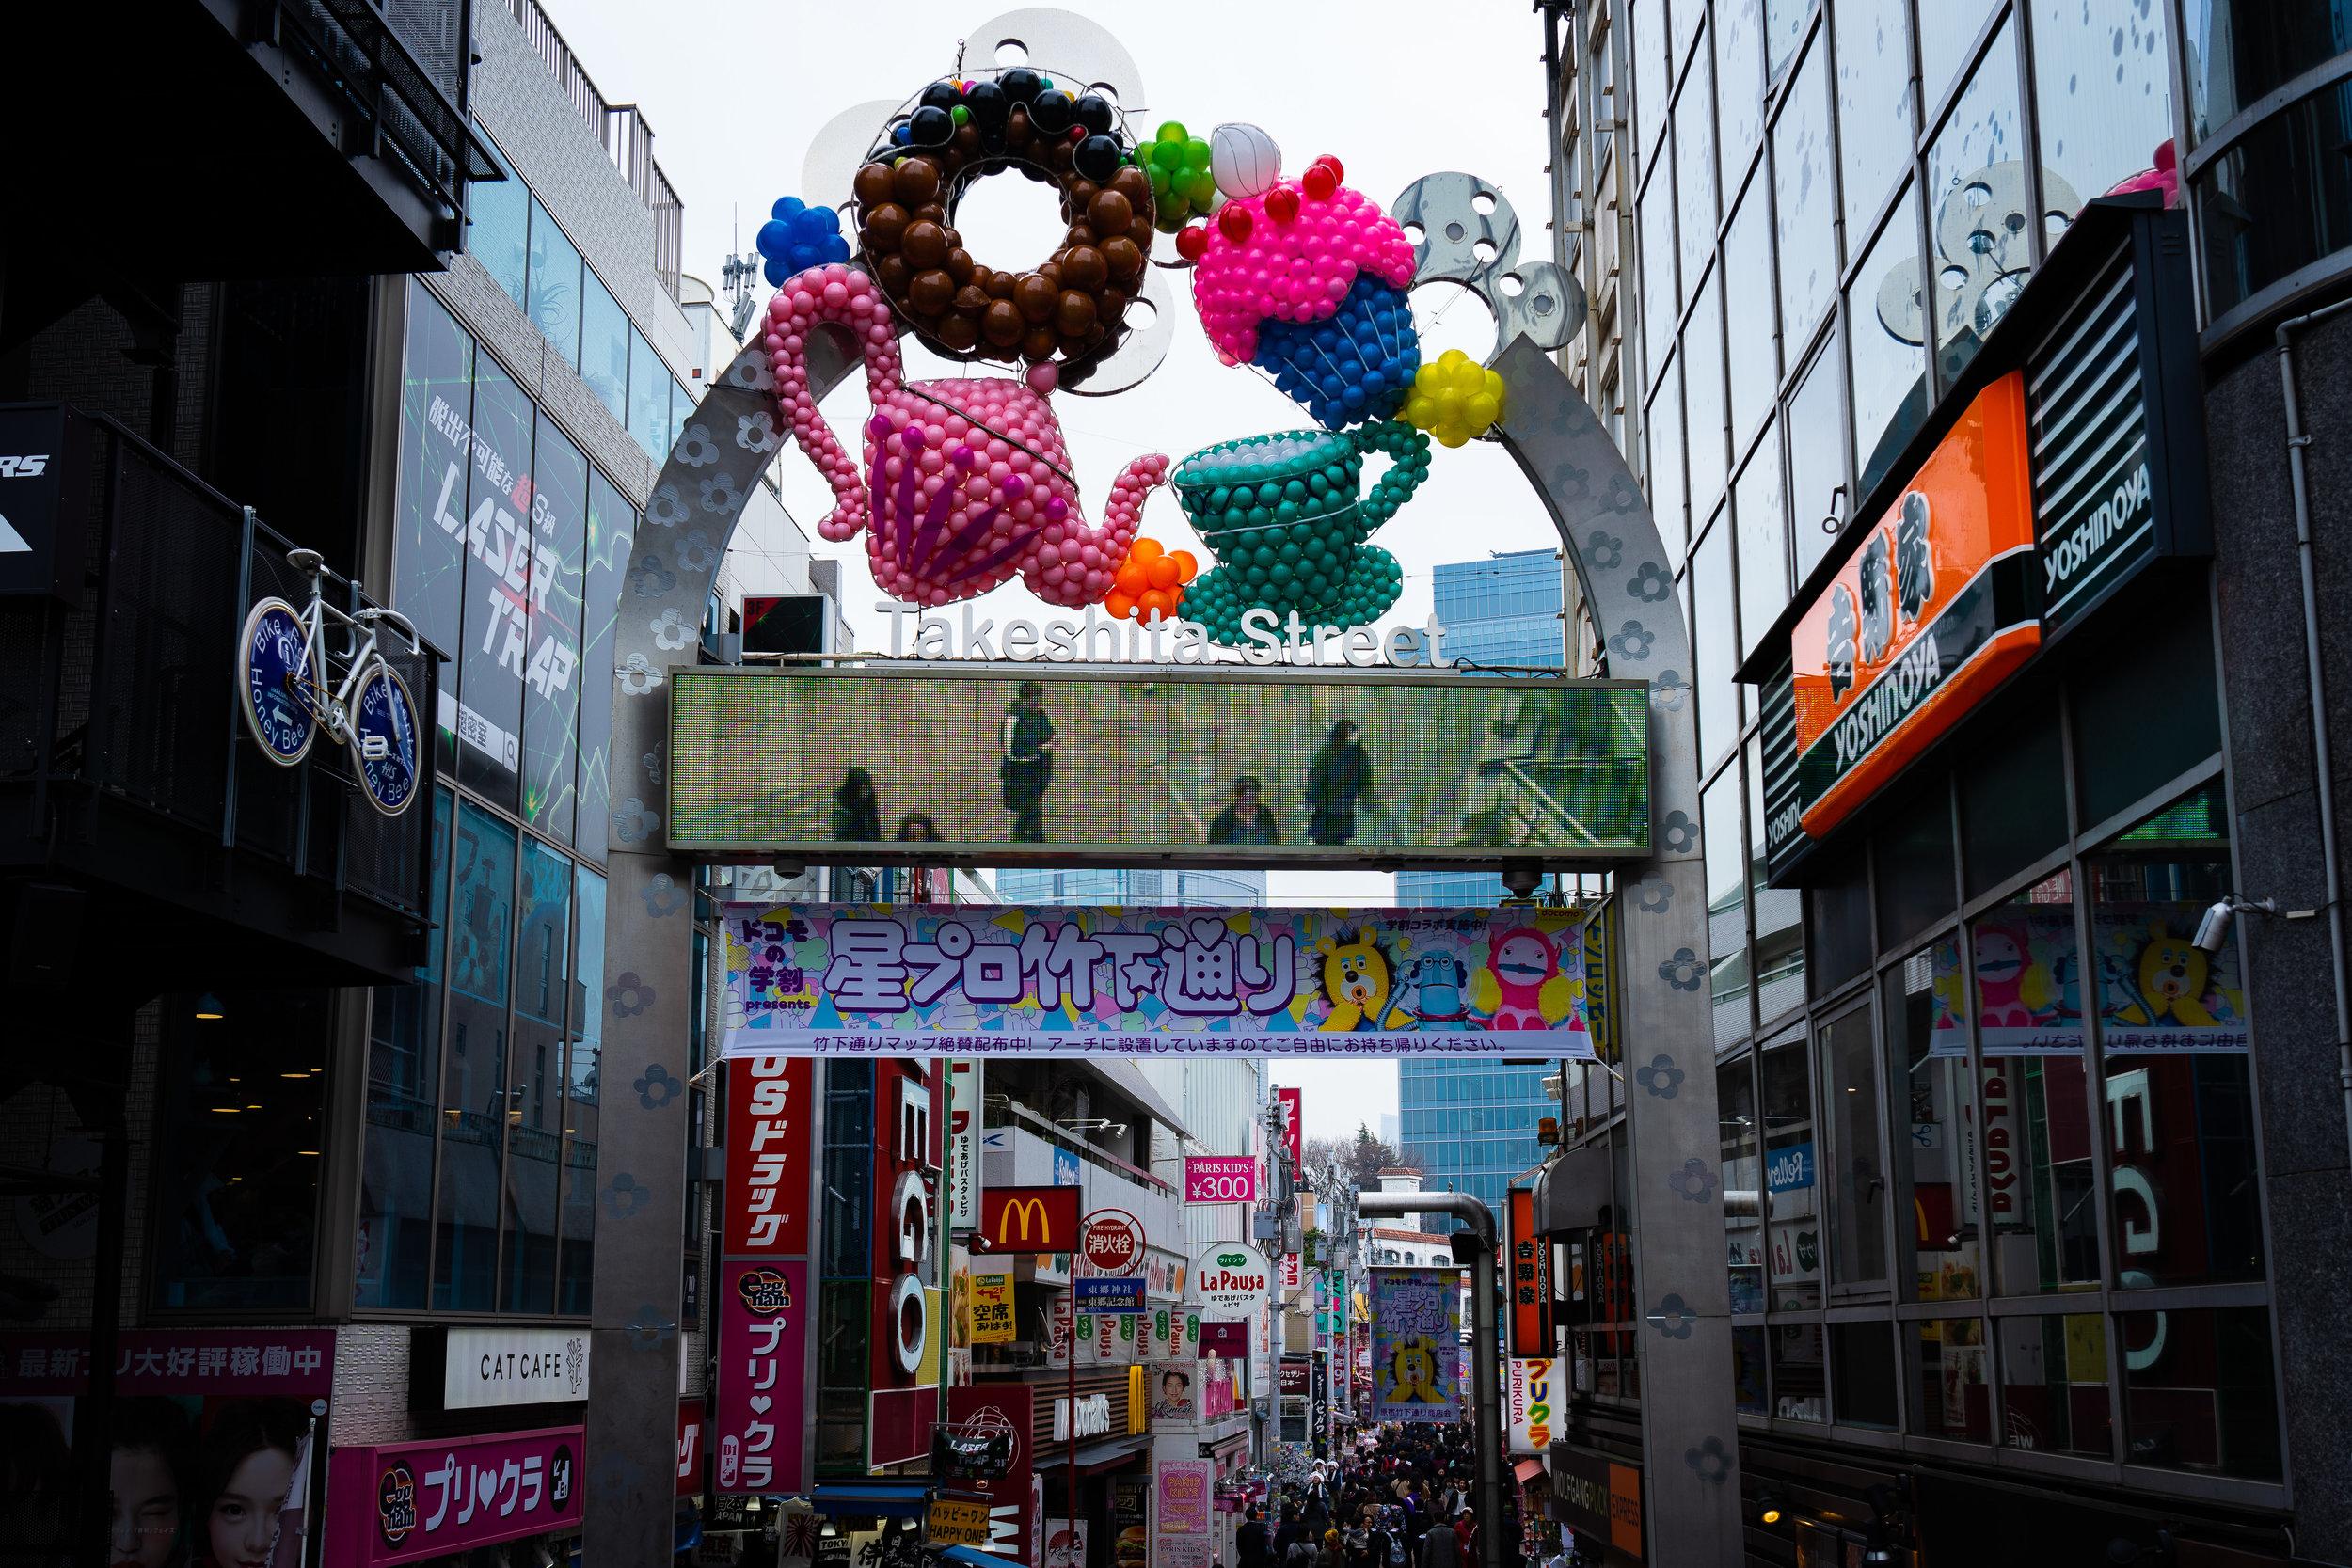 takeshita street.jpg